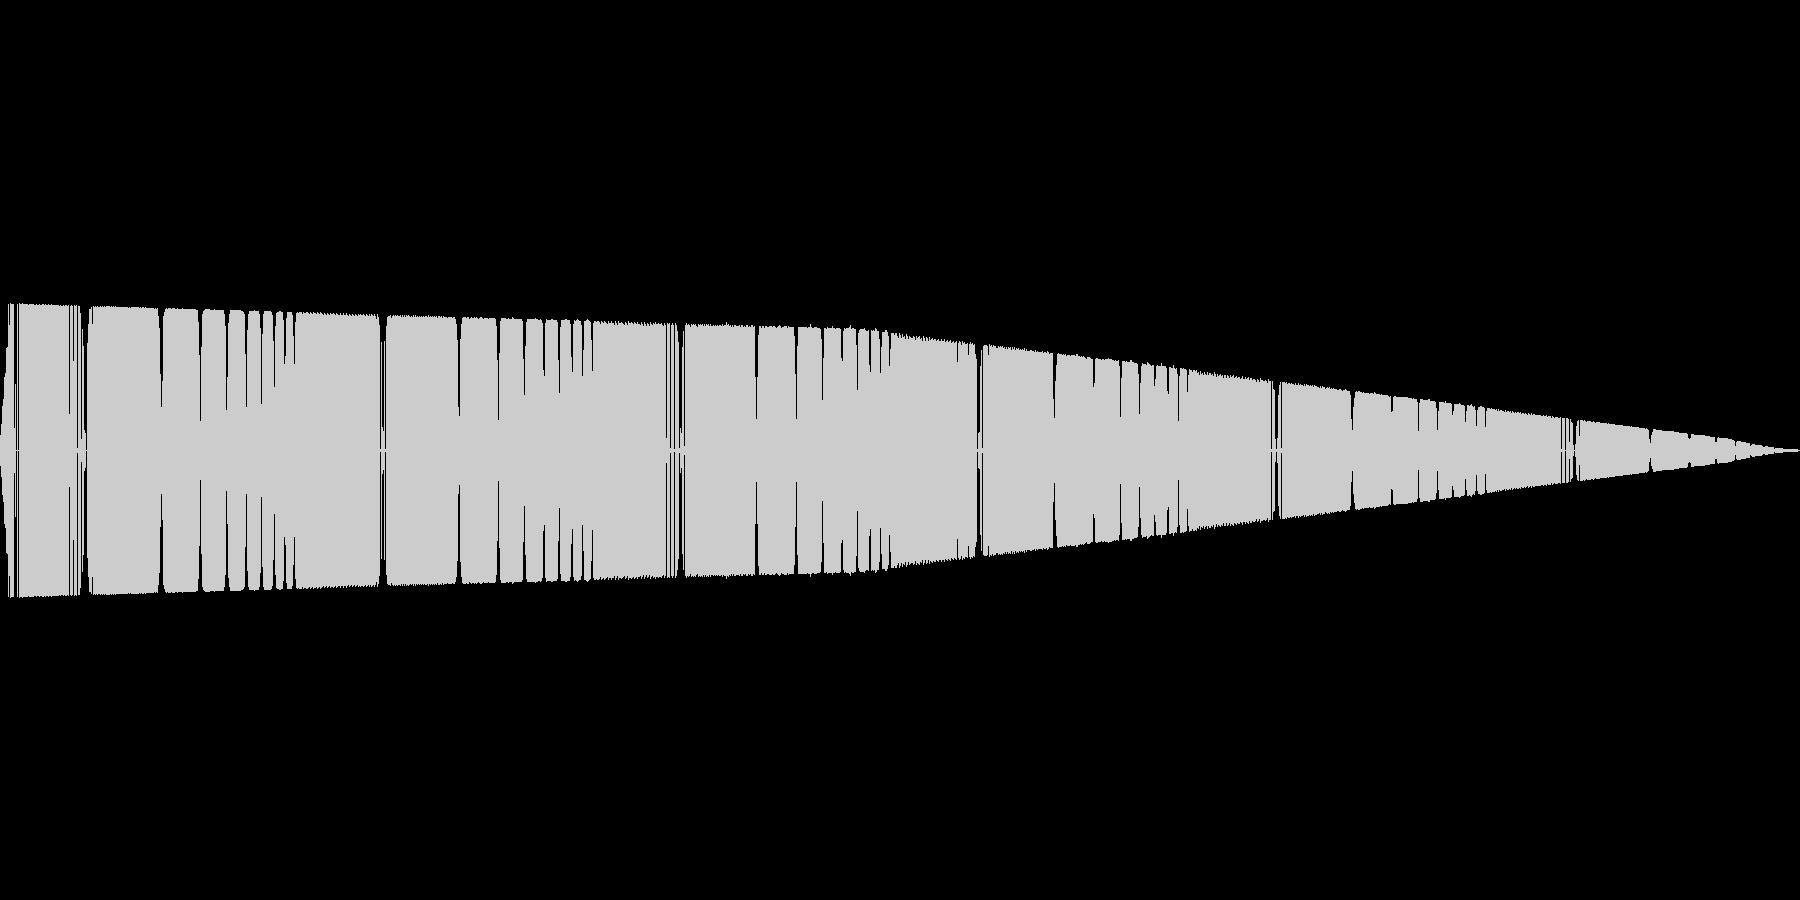 ピーピー(ピコピコ/警告/アラームの未再生の波形